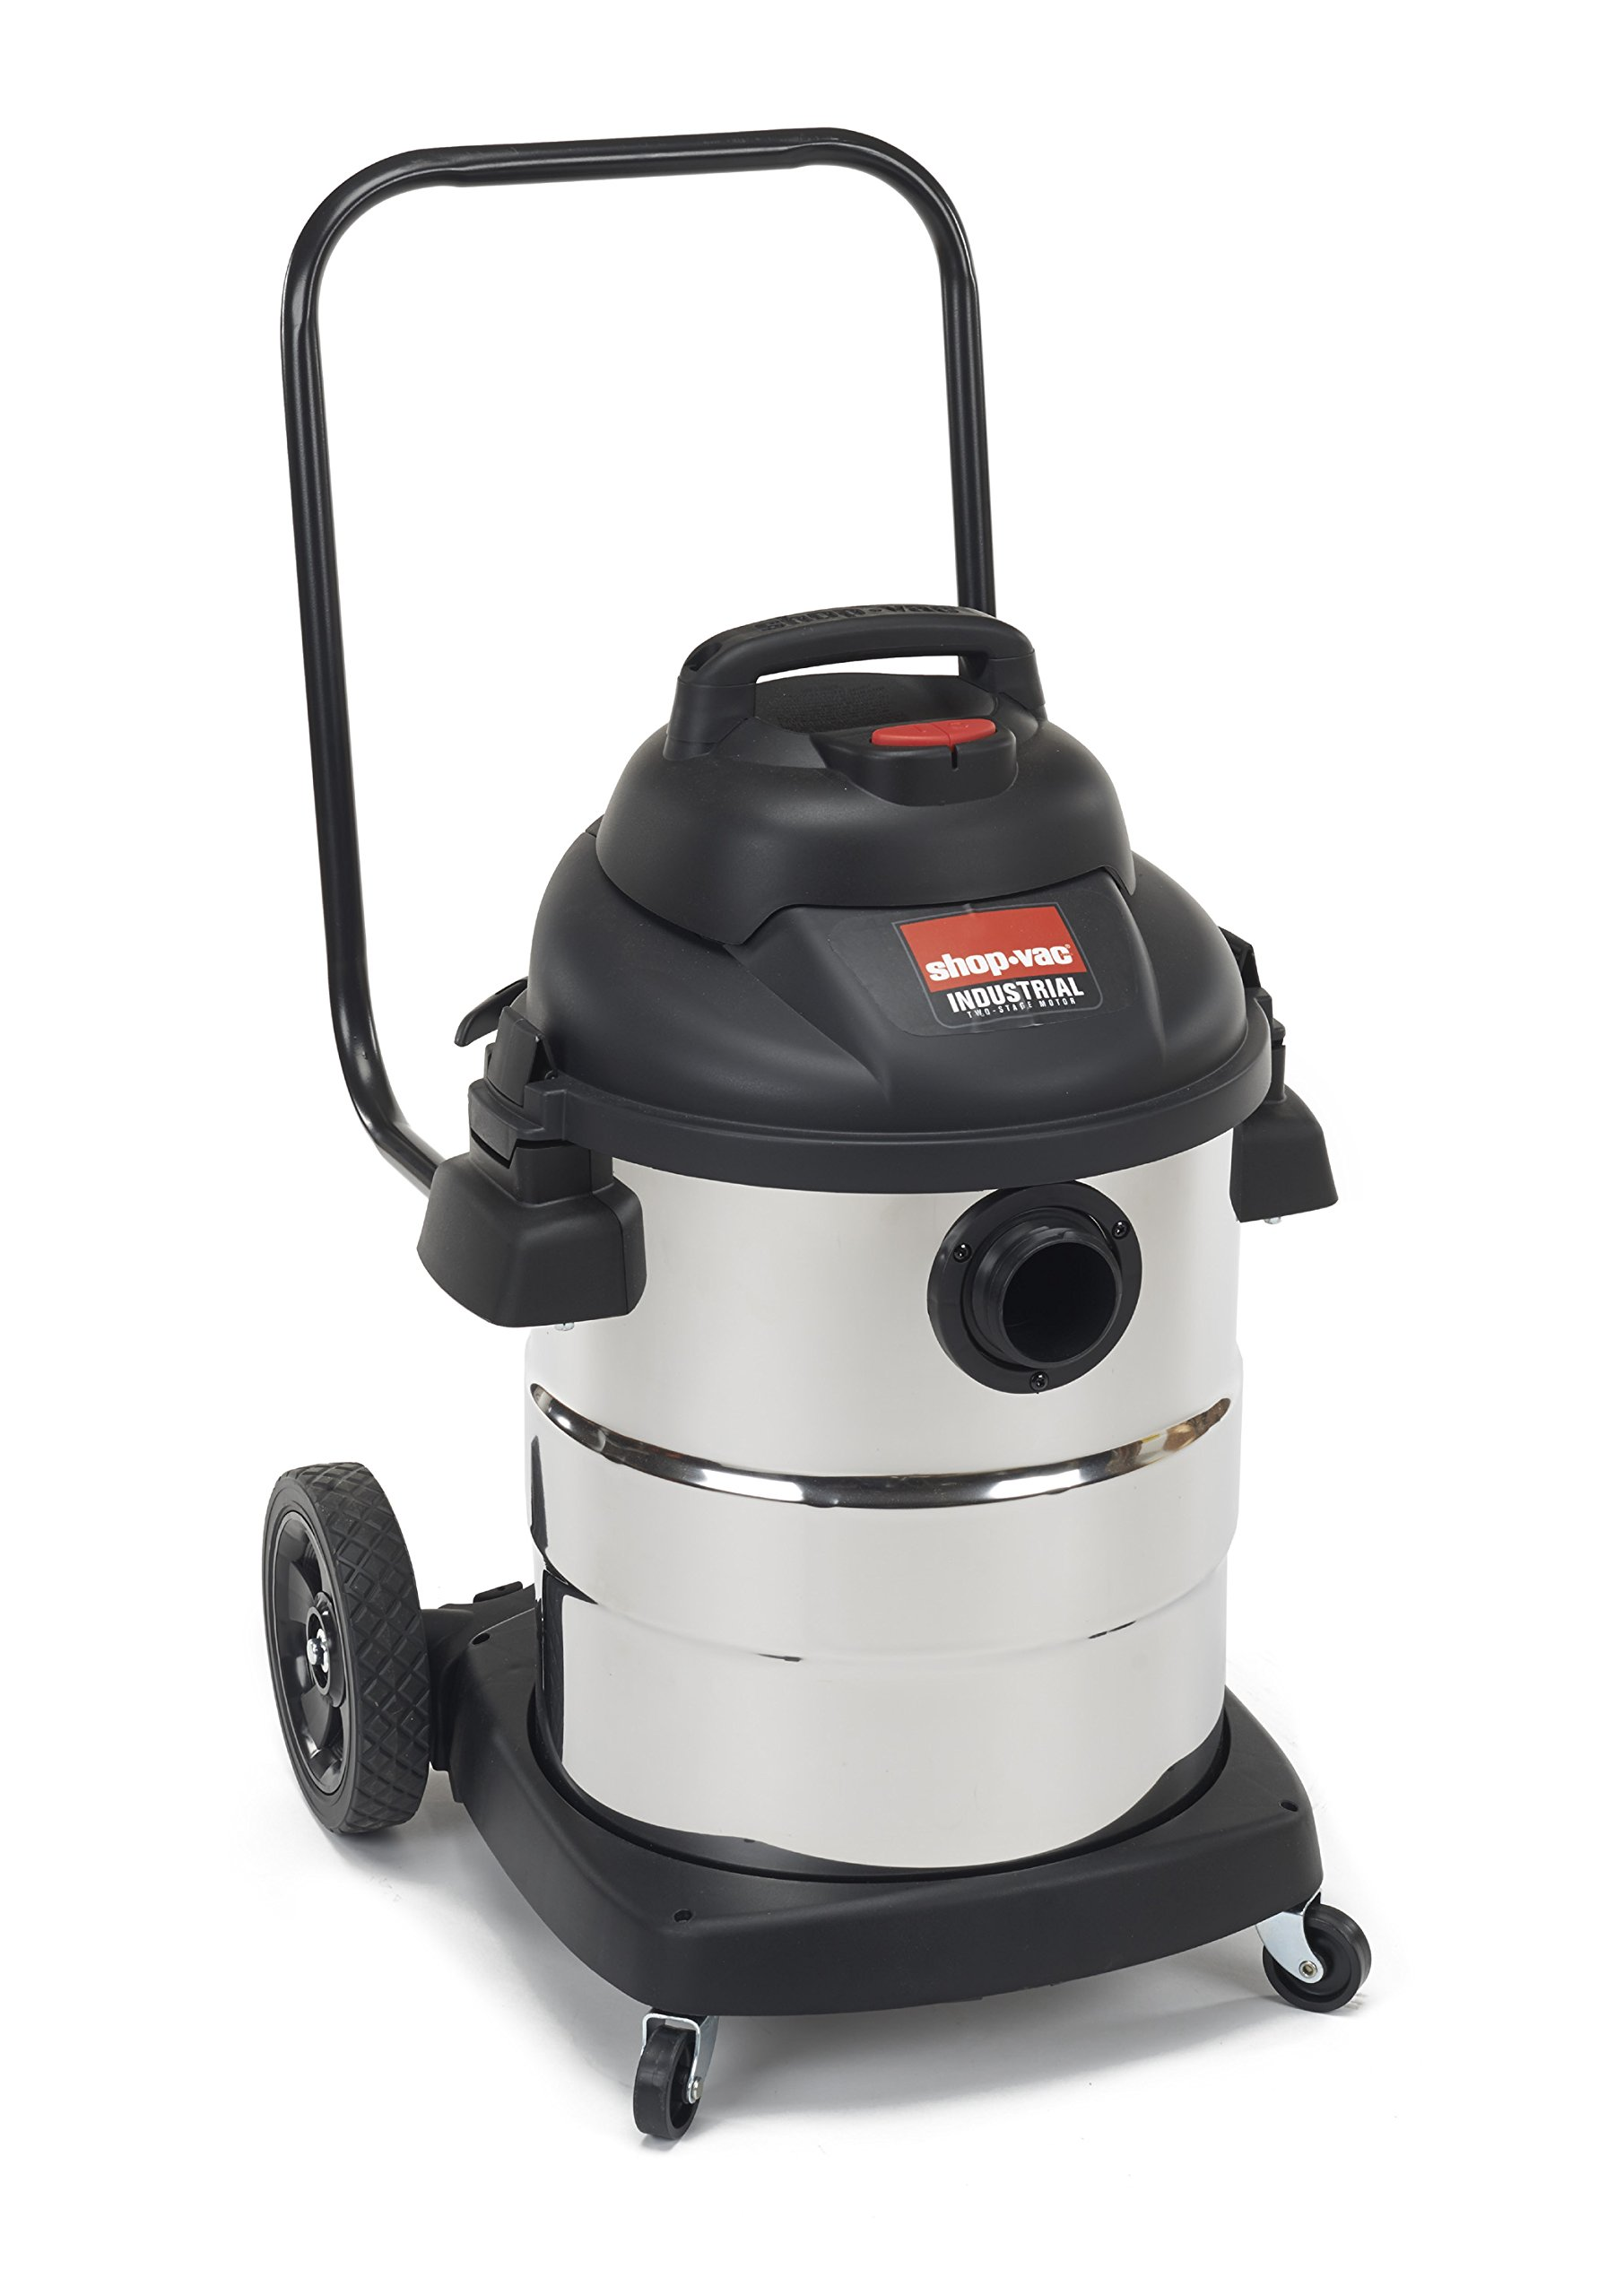 Shop-Vac 9624010 2.5 Peak HP 2 Stage Stainless Steel Wet Dry Vacuum, 10-Gallon